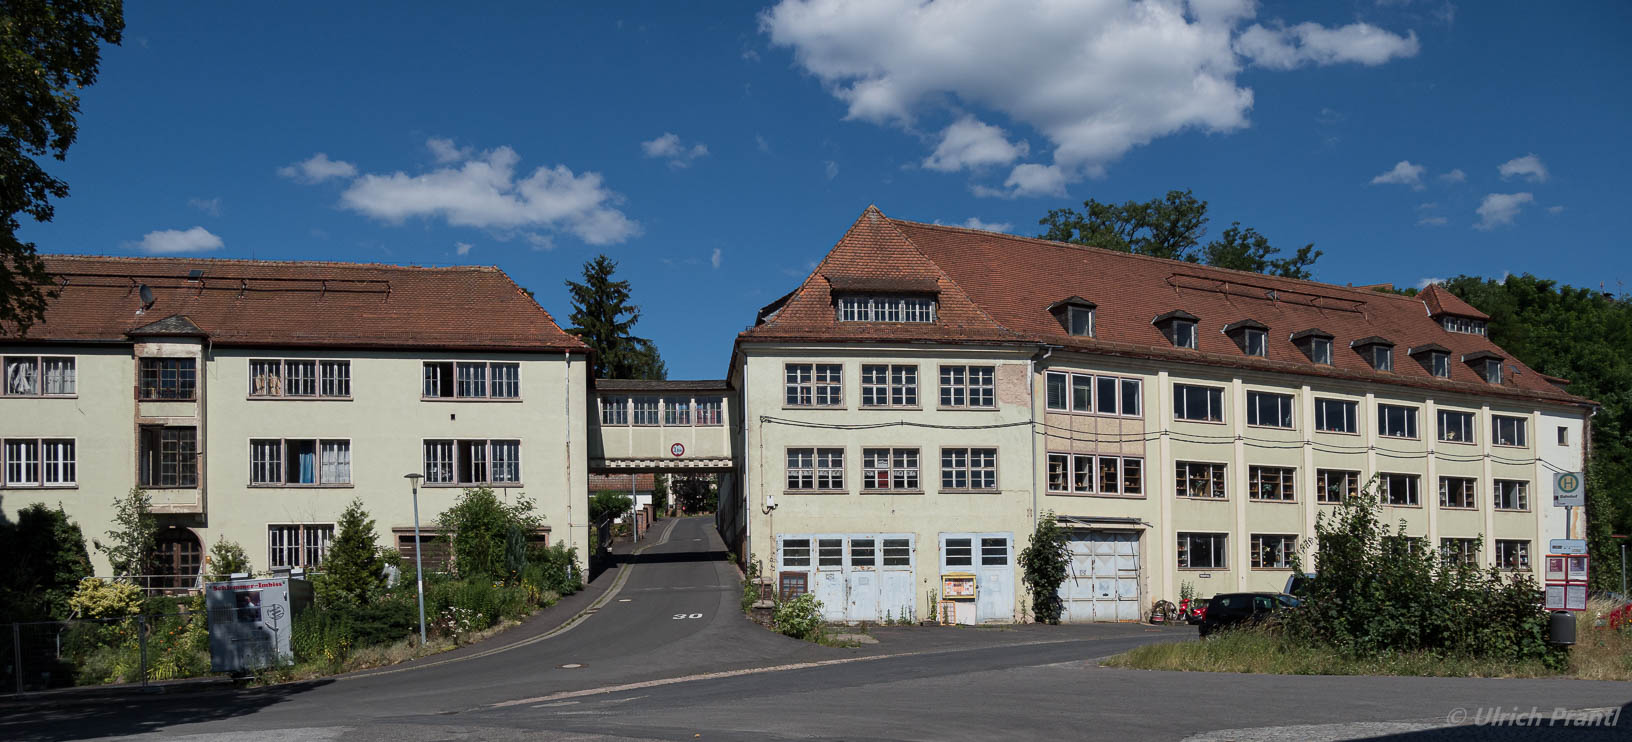 Partenstein alte Schuhfabrik